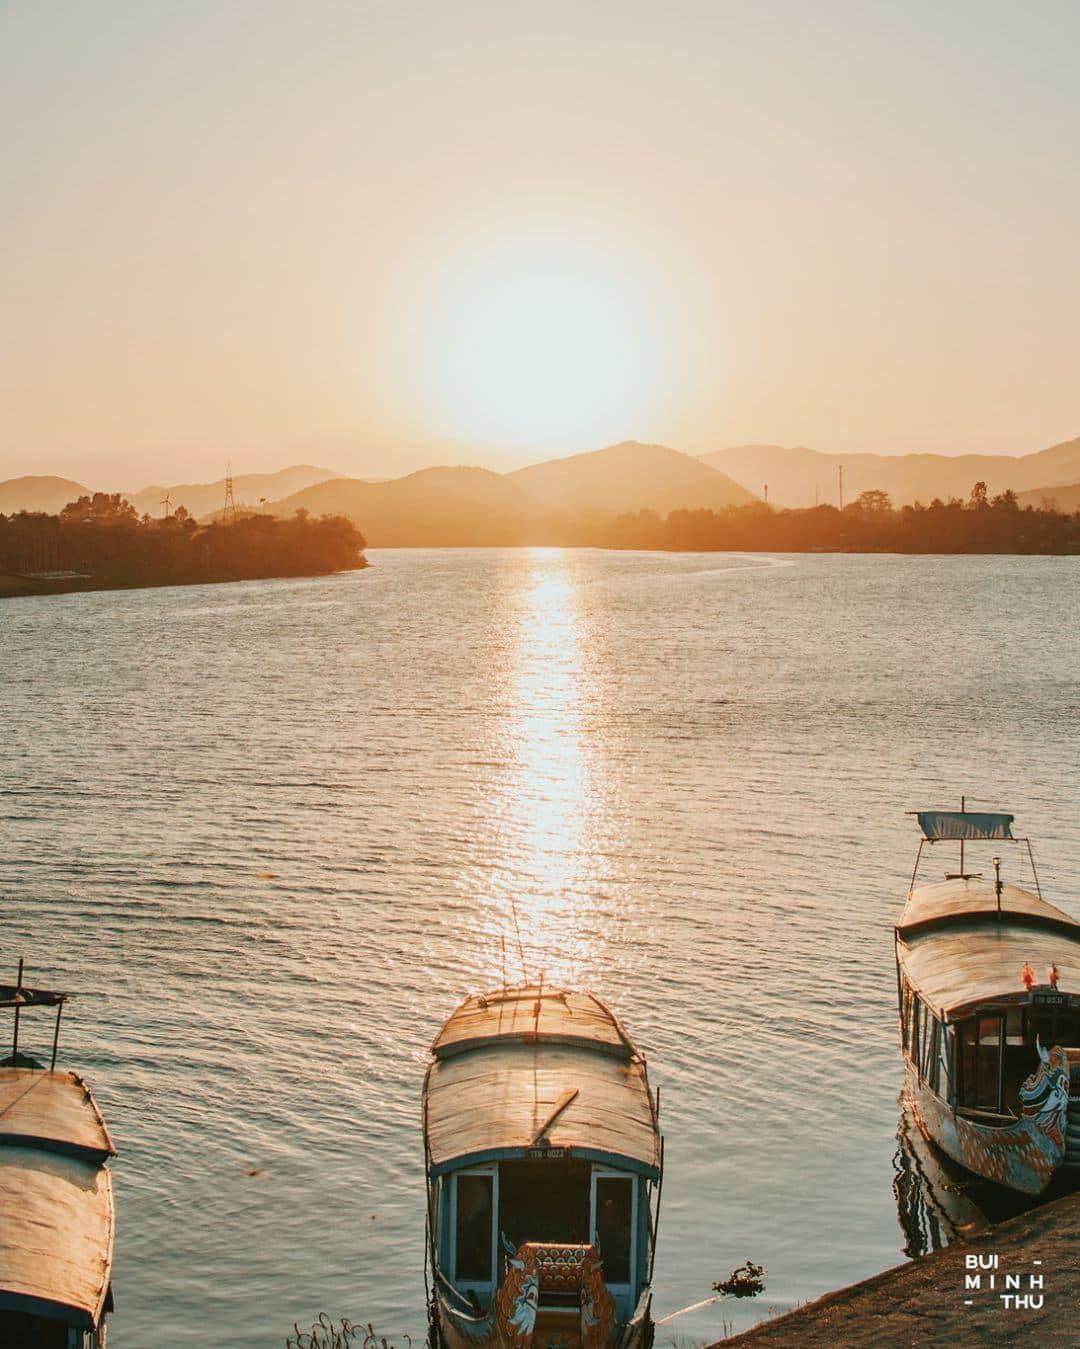 Hoàng hôn bên sông chùa Thiên Mụ. Ảnh: @meoluoicuon